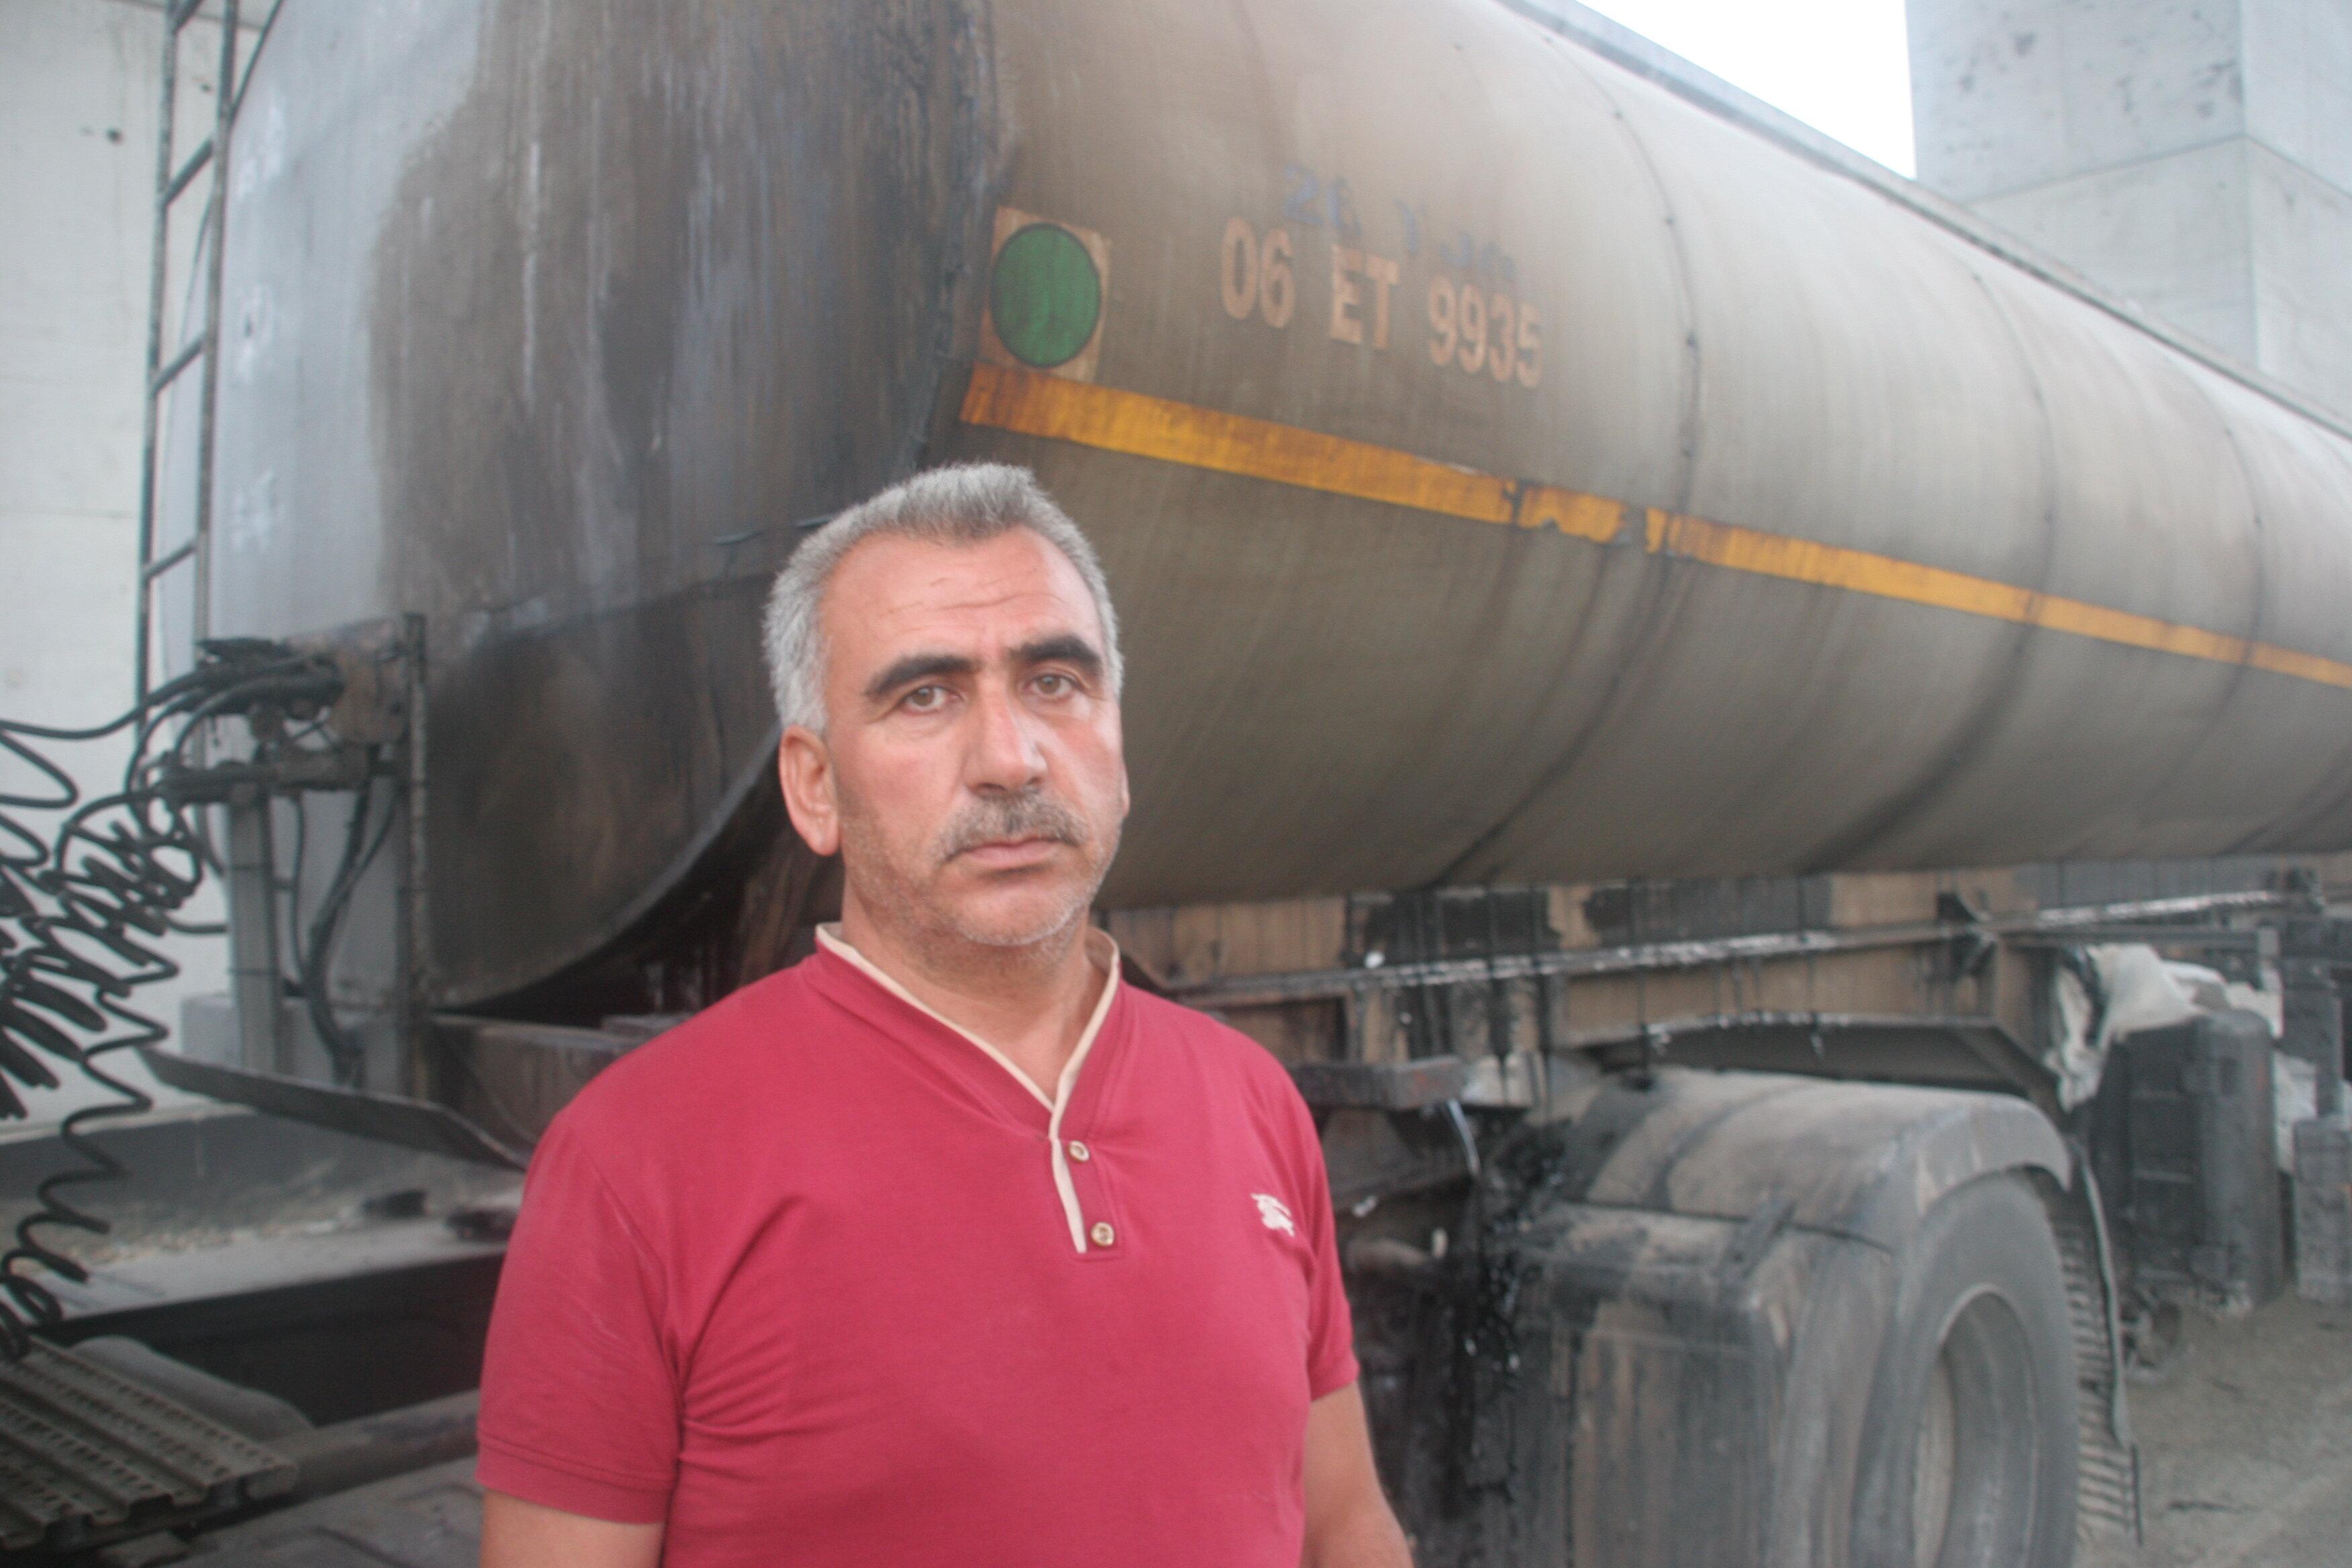 Tanker şoförü Mevlüt Kandemir 15 temmuz gecesi Sabiha Gökçen Havalimanı'nı ele geçirmek isteyen darbeci askerlere destek için Yalova'dan İstanbul'a getirilen Hava Harp Okulu öğrencilerini taşıyan otobüslerin geçişine engel oldu.